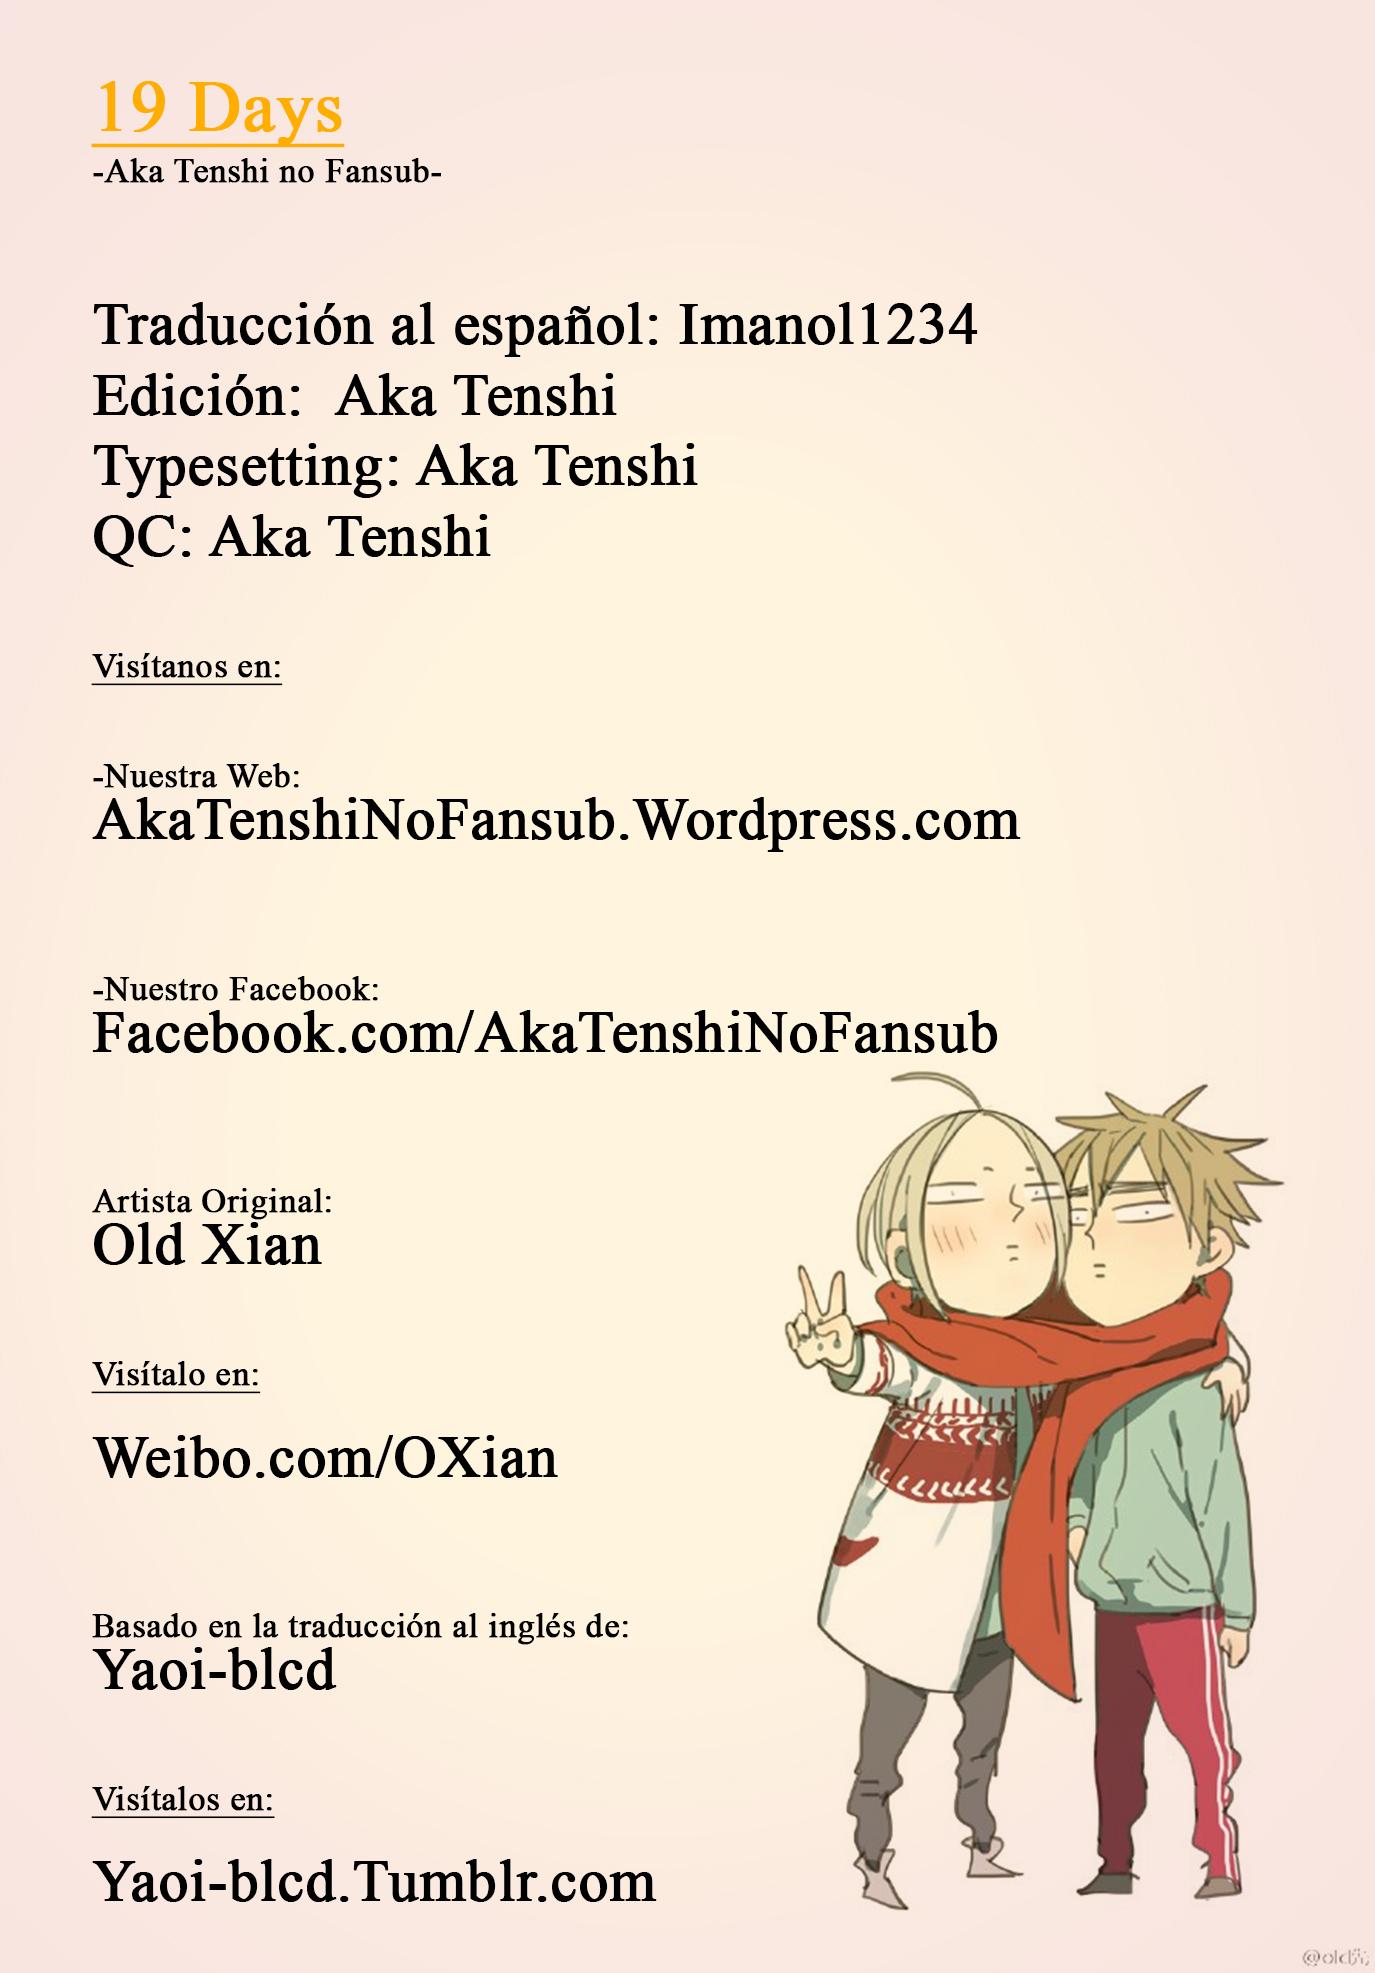 http://c5.ninemanga.com/es_manga/7/15943/414747/bd6ad709f5078853022fbca99c34dd9c.jpg Page 1